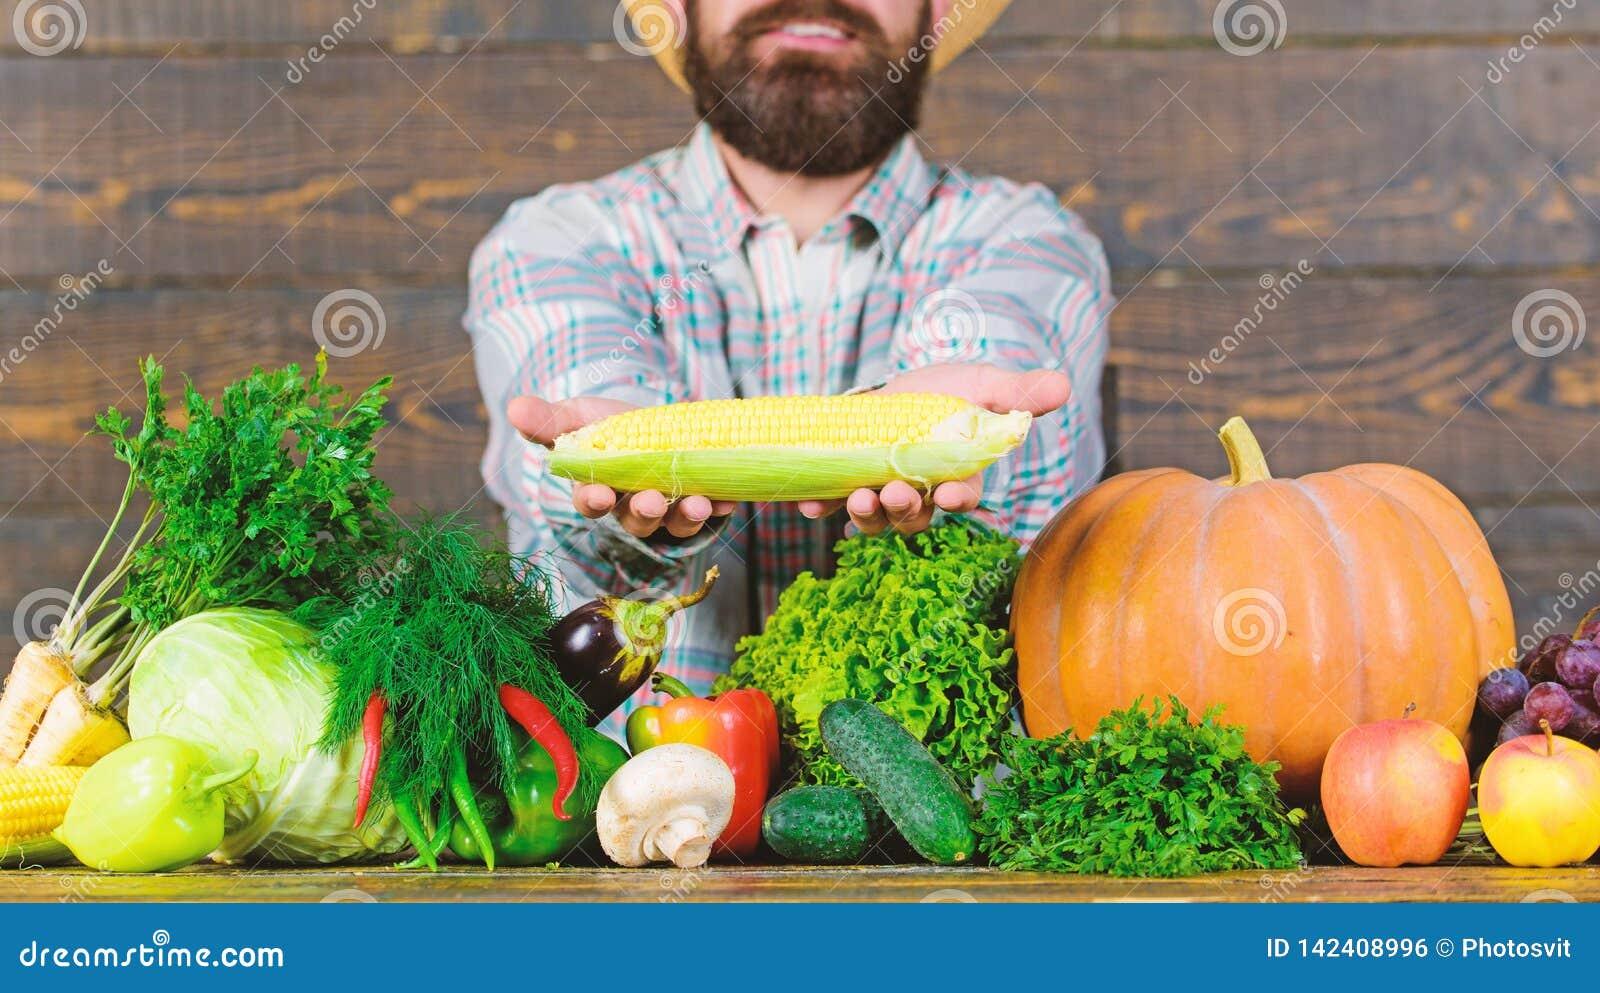 Aparência rústica do aldeão do fazendeiro Cresça colheitas orgânicas Chapéu de palha do fazendeiro que apresenta legumes frescos